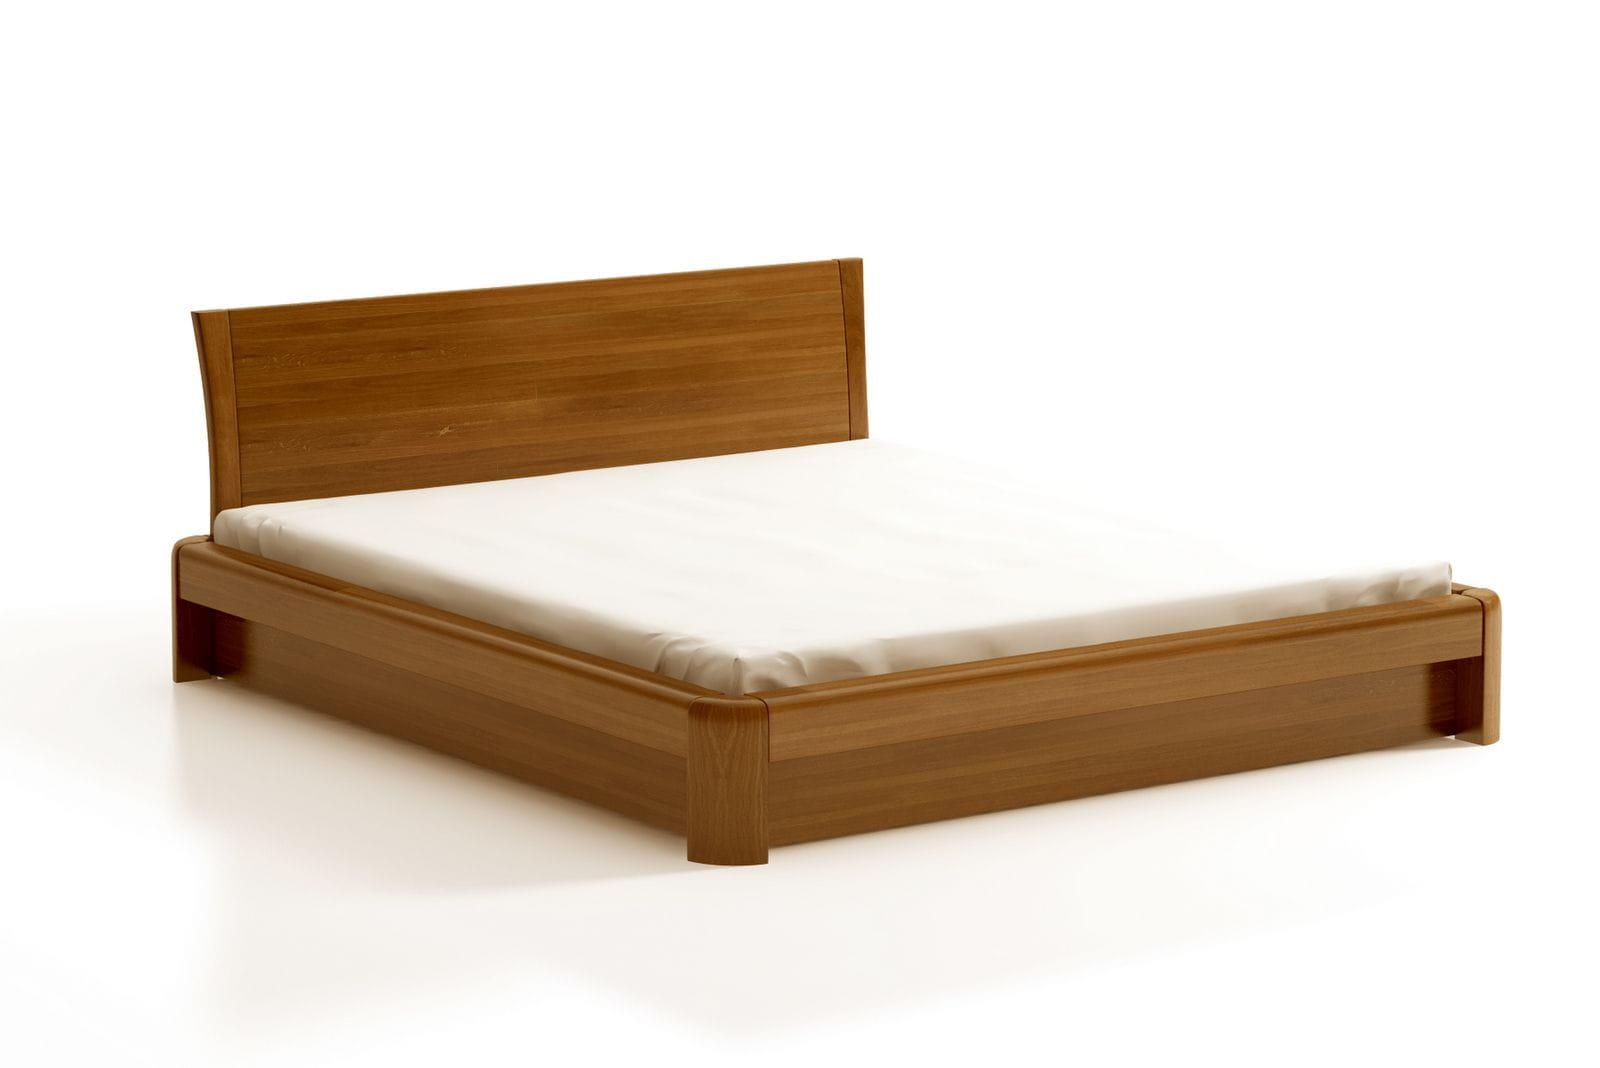 COMFORT ON Bett mit Stauraum für Bettwäsche, Eiche massiv, Eröffnung eines  Bein